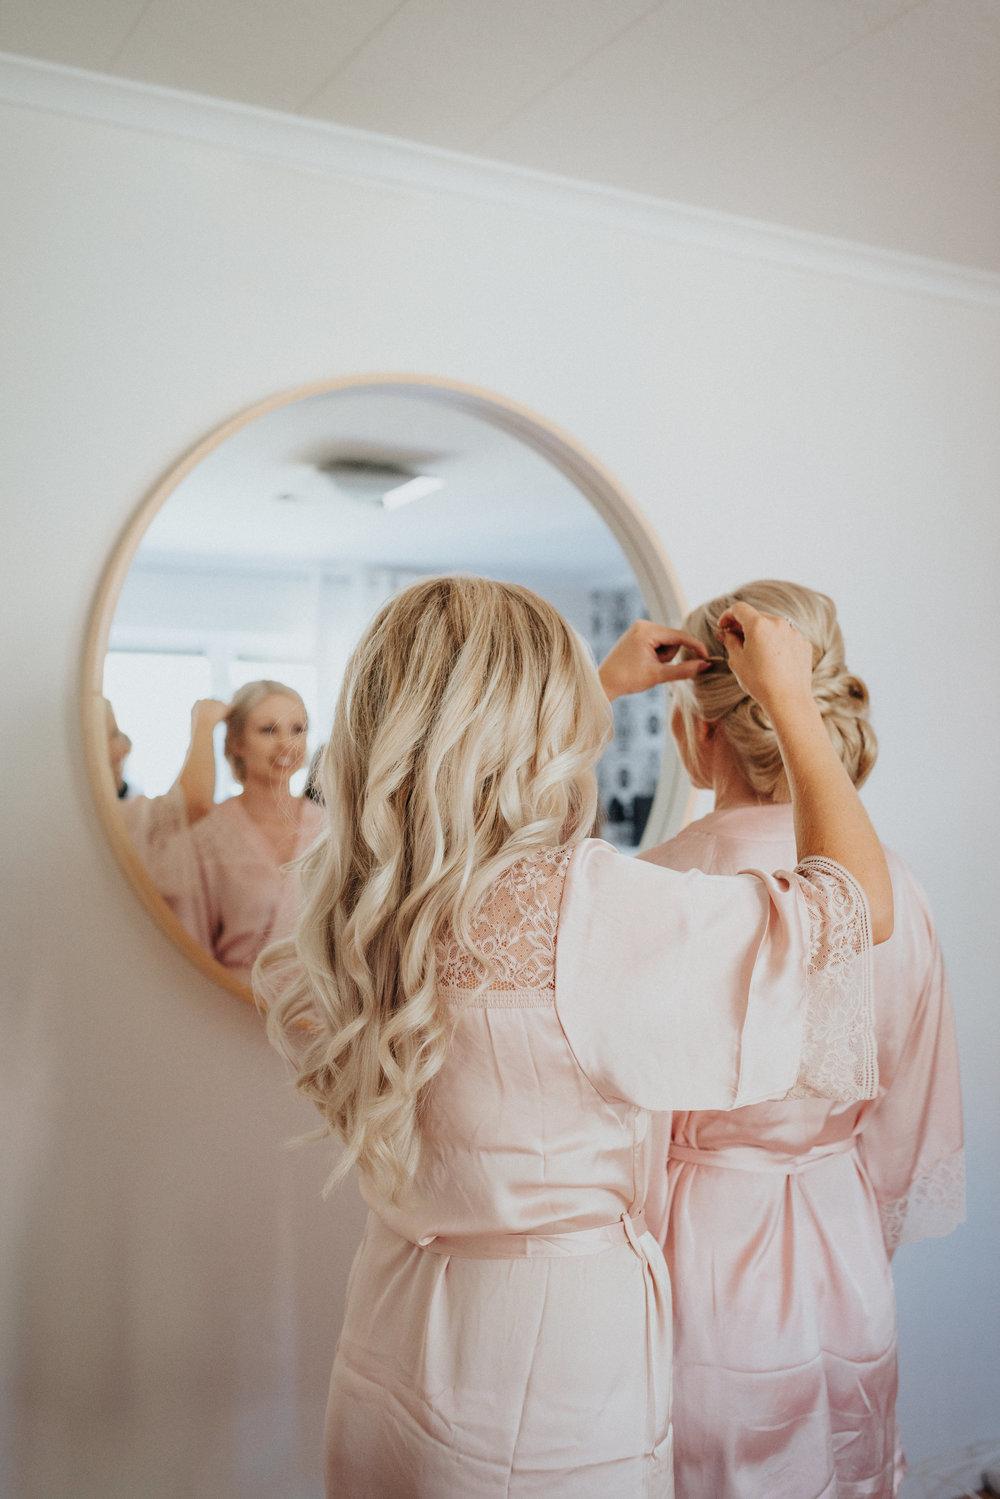 bröllop + håruppsättning + brud